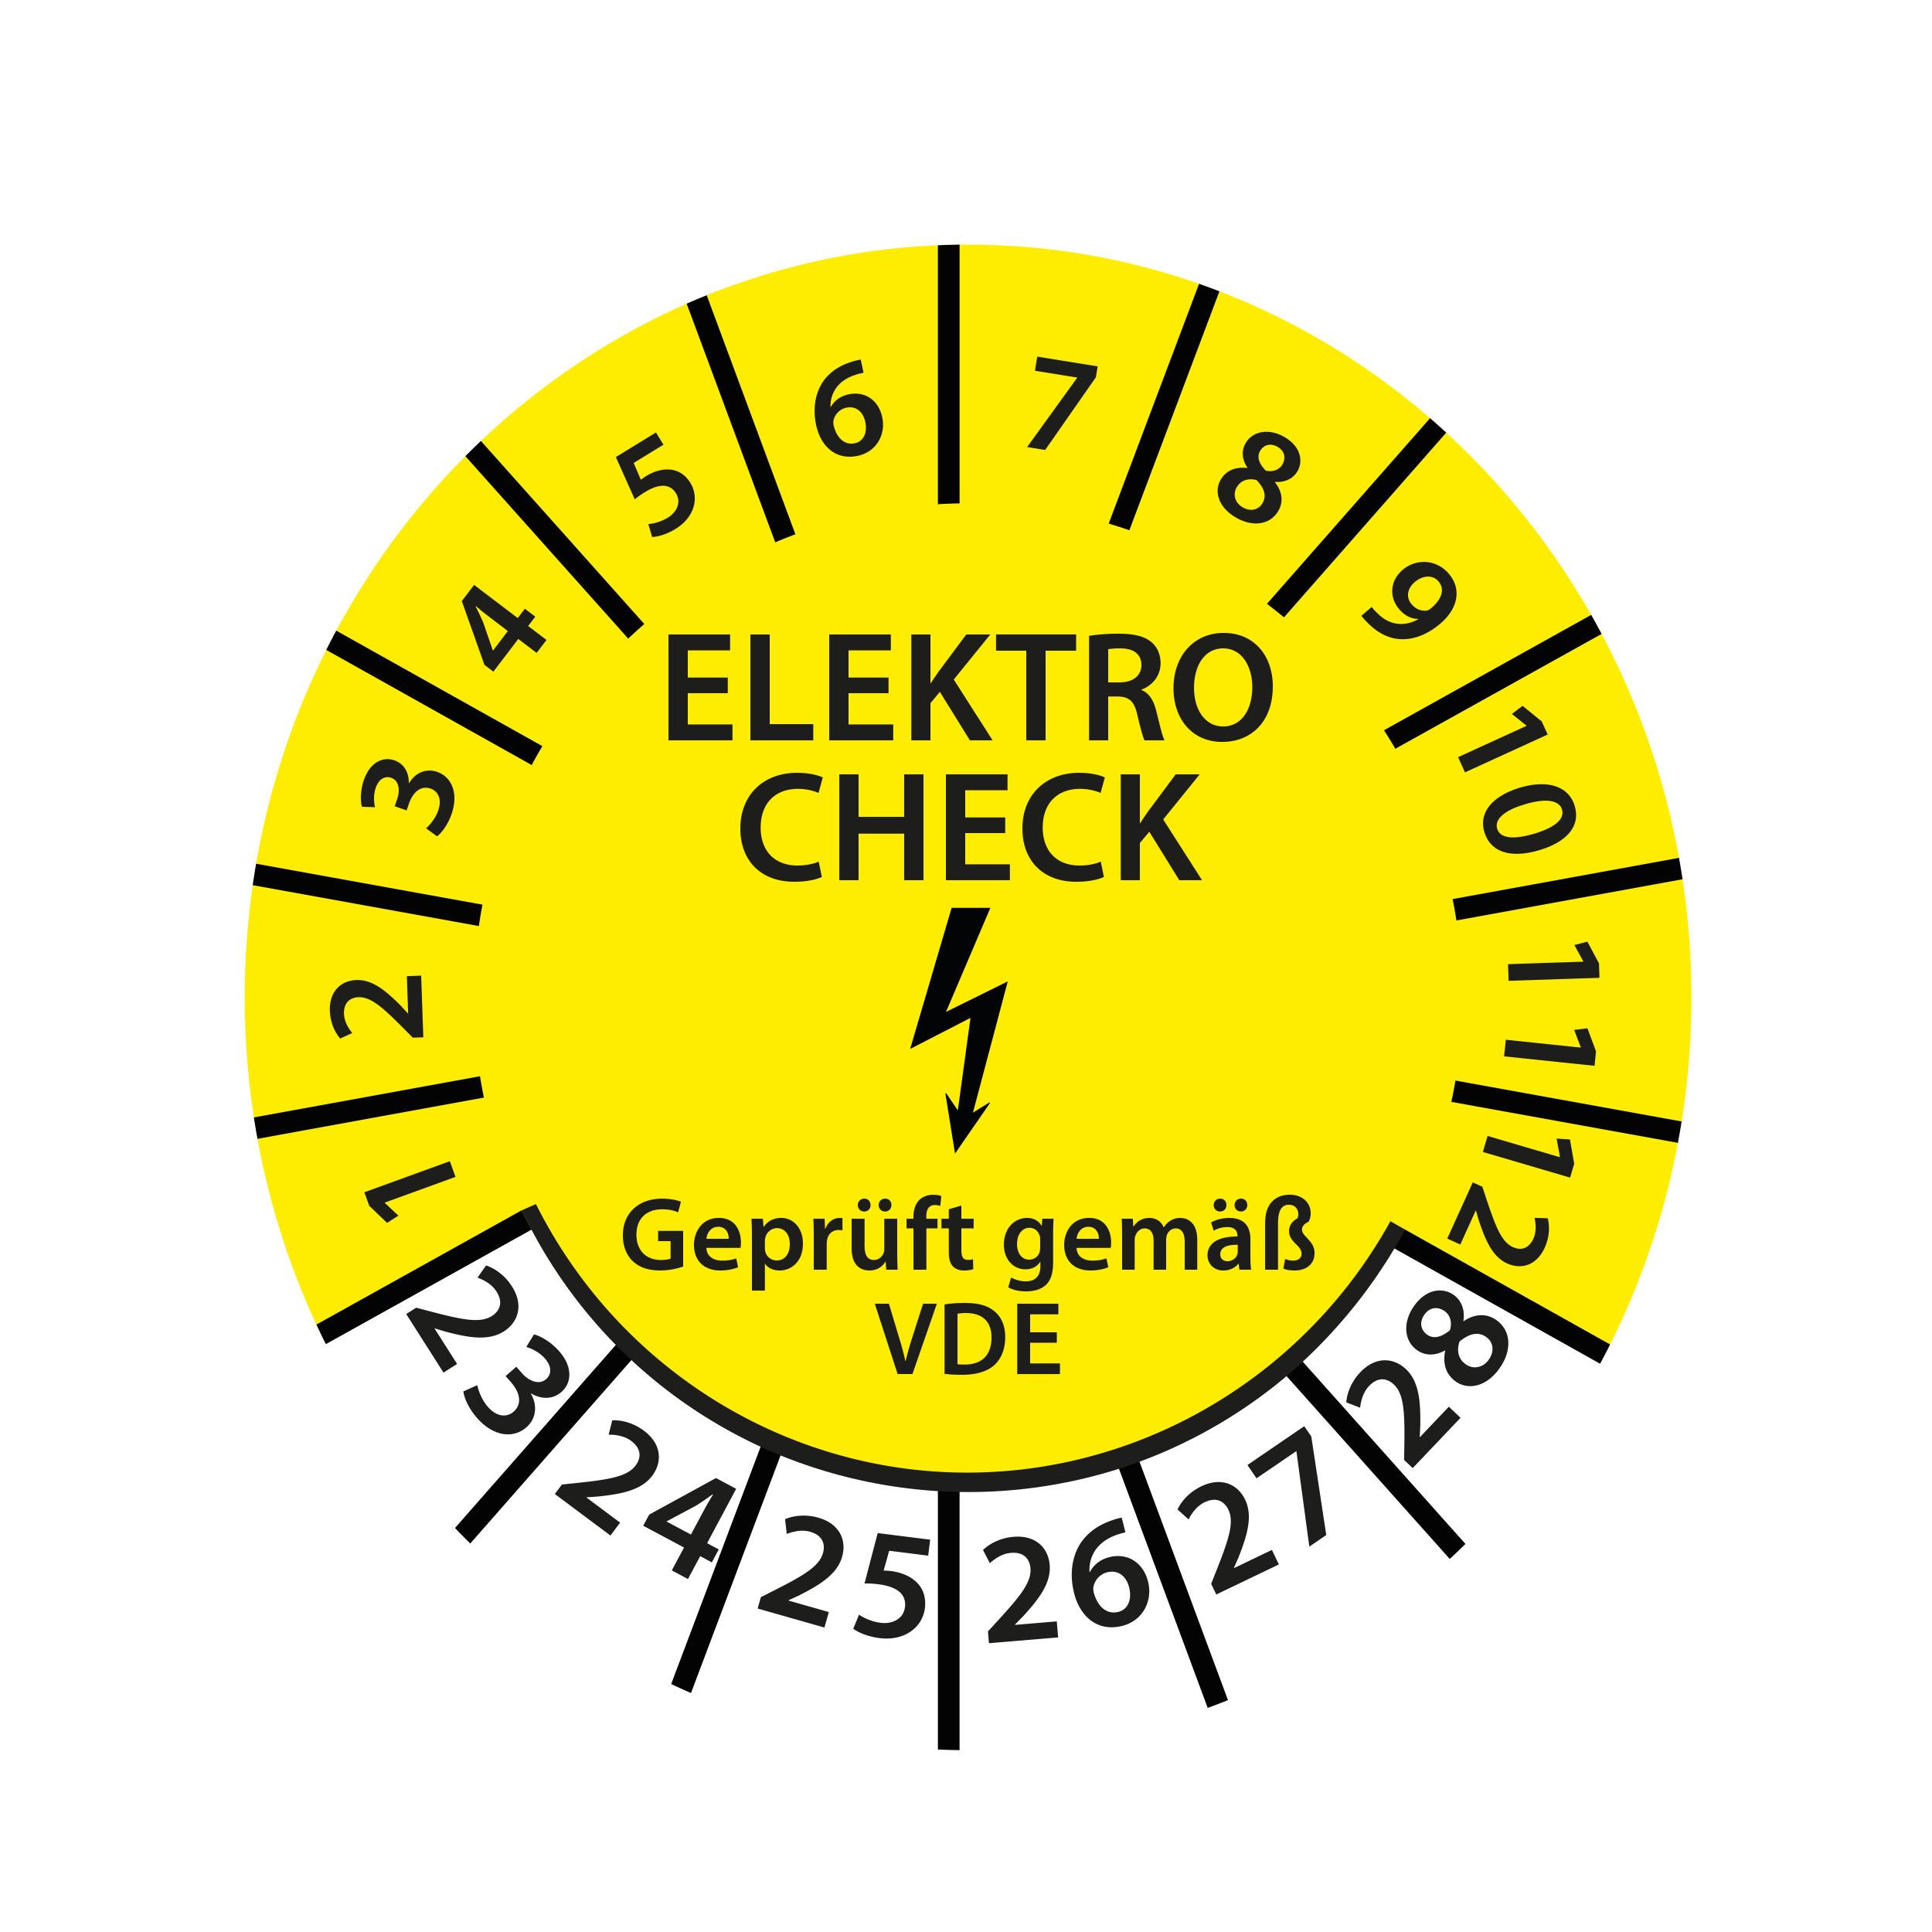 Prüfplakette Elektro Check geprüft gemäß VDE 2023-2028 Ø 30mm Rund Gelb Prüfetikett Prüfaufkleber